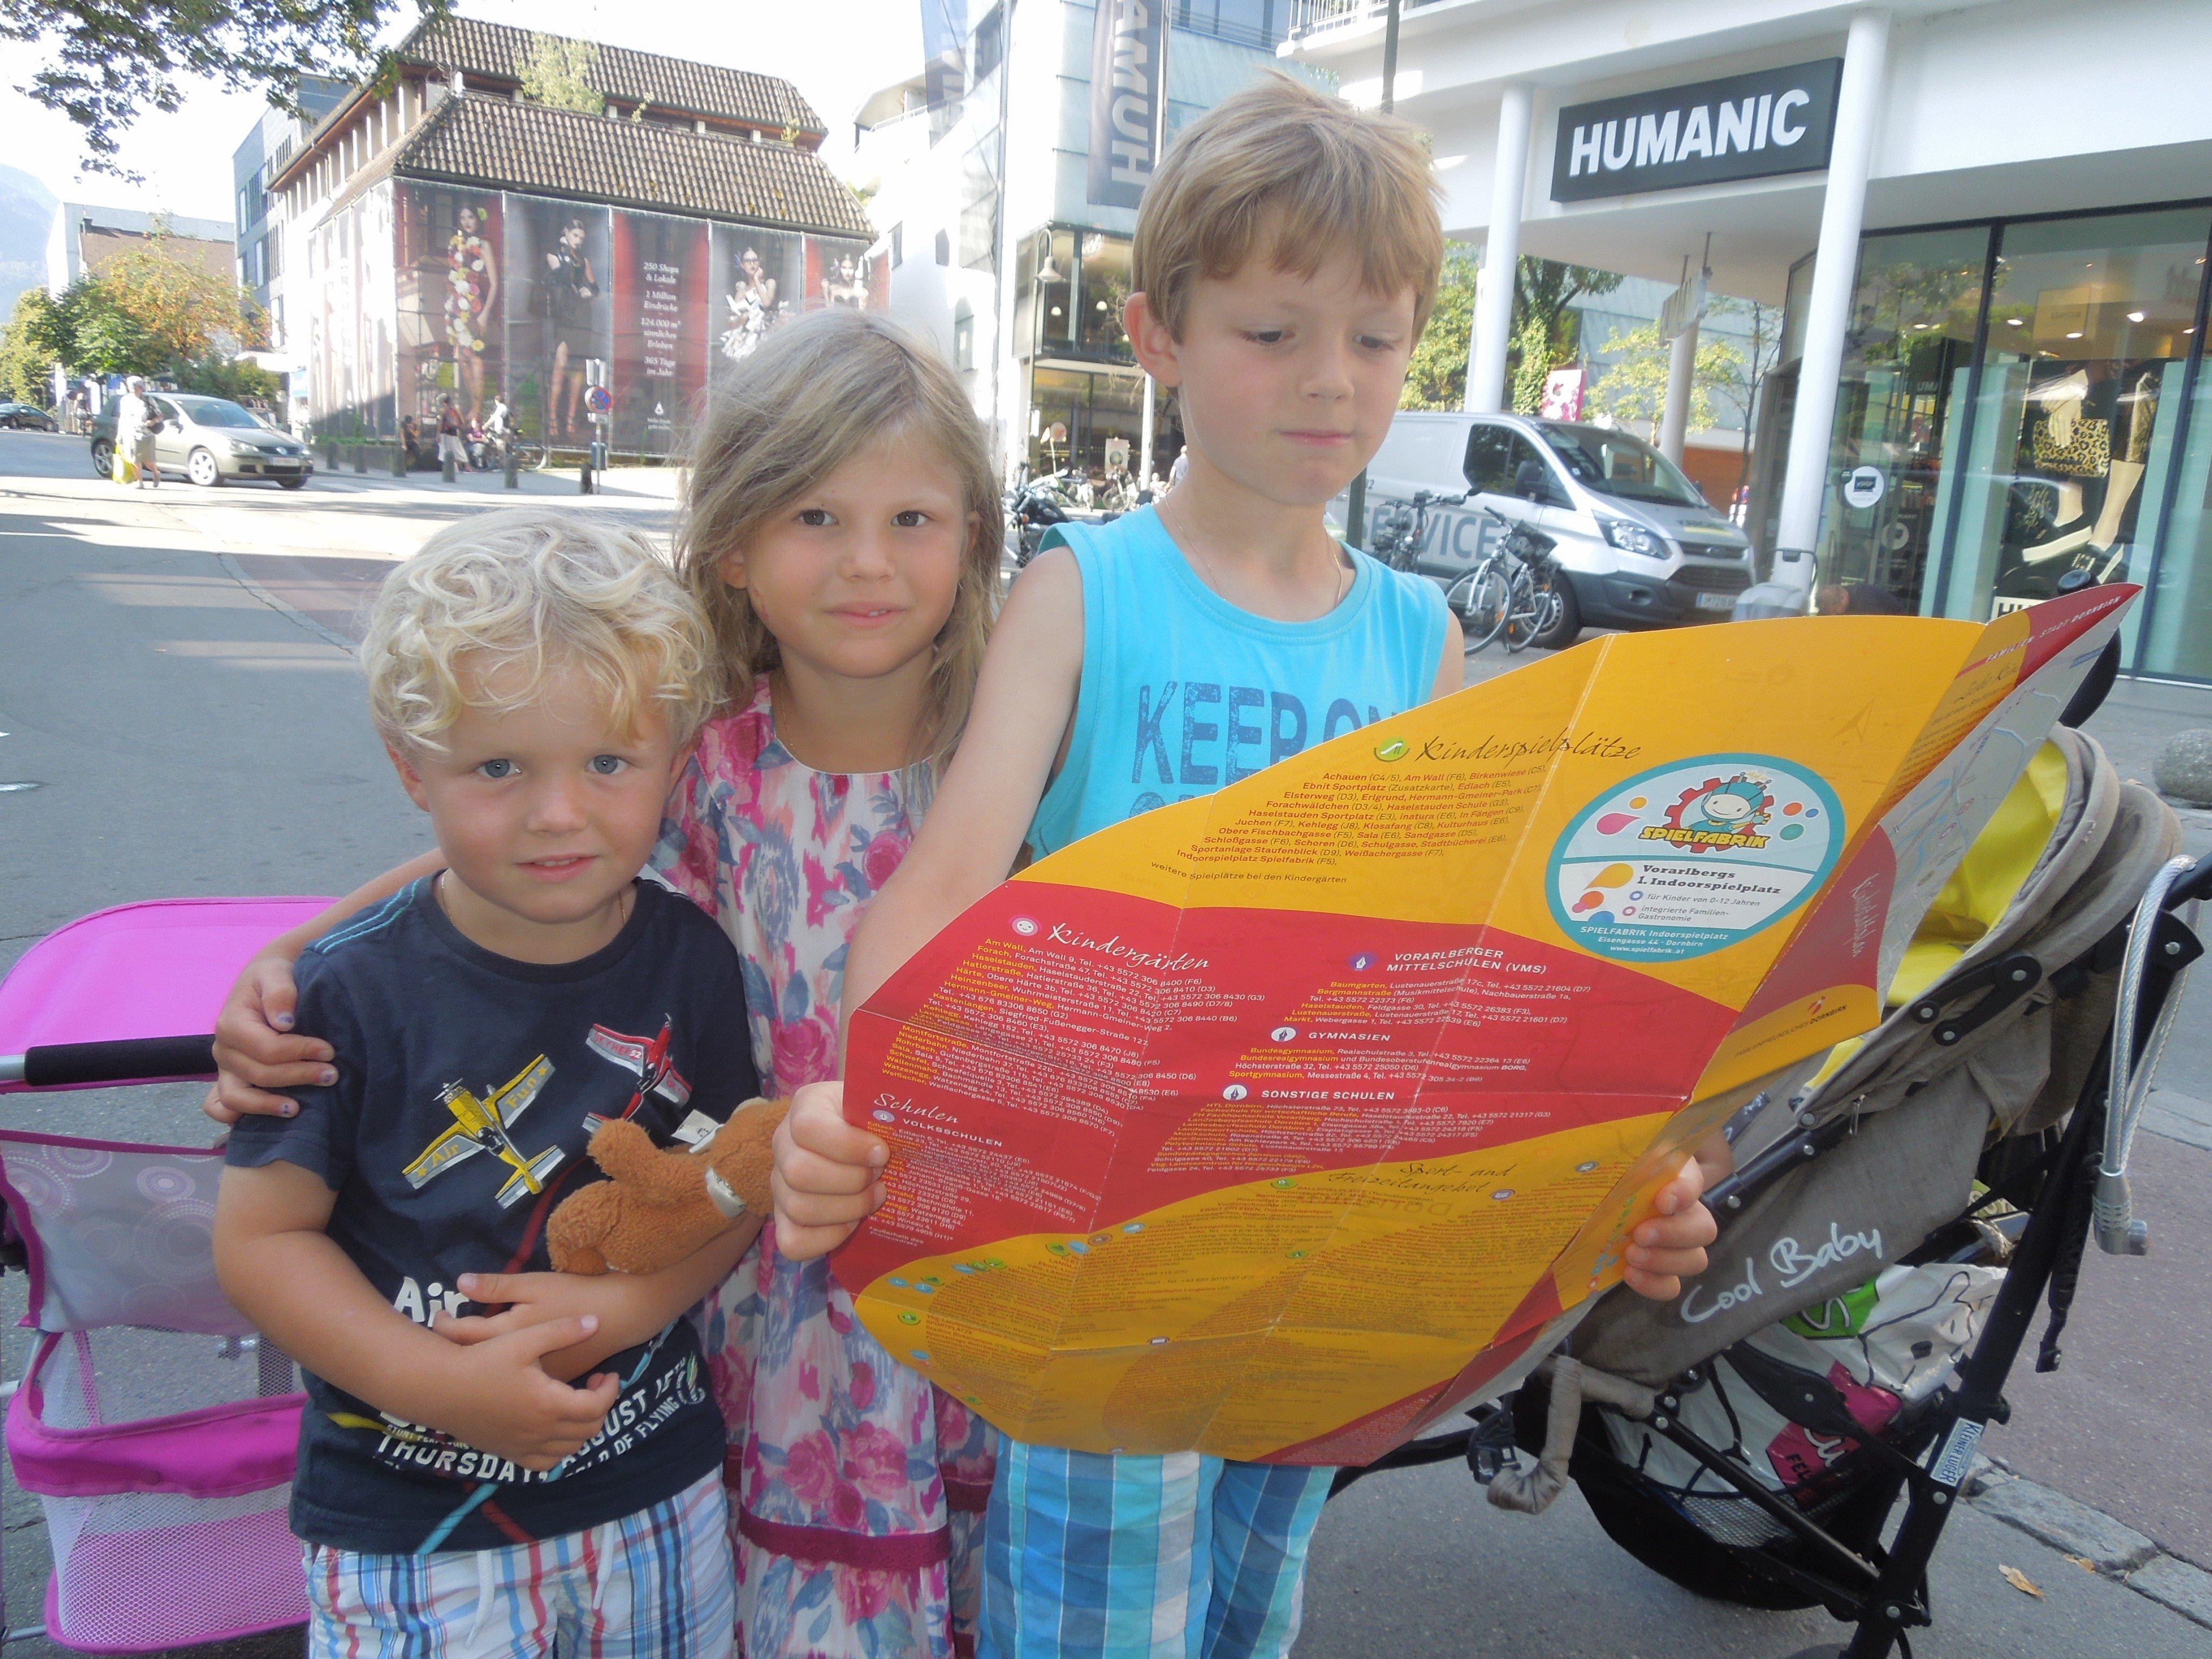 Mit dem Kinderstadtplan ist man bestens informiert, wo es Highlights für Kinder und Kindereinrichtungen in Dornbirn gibt.